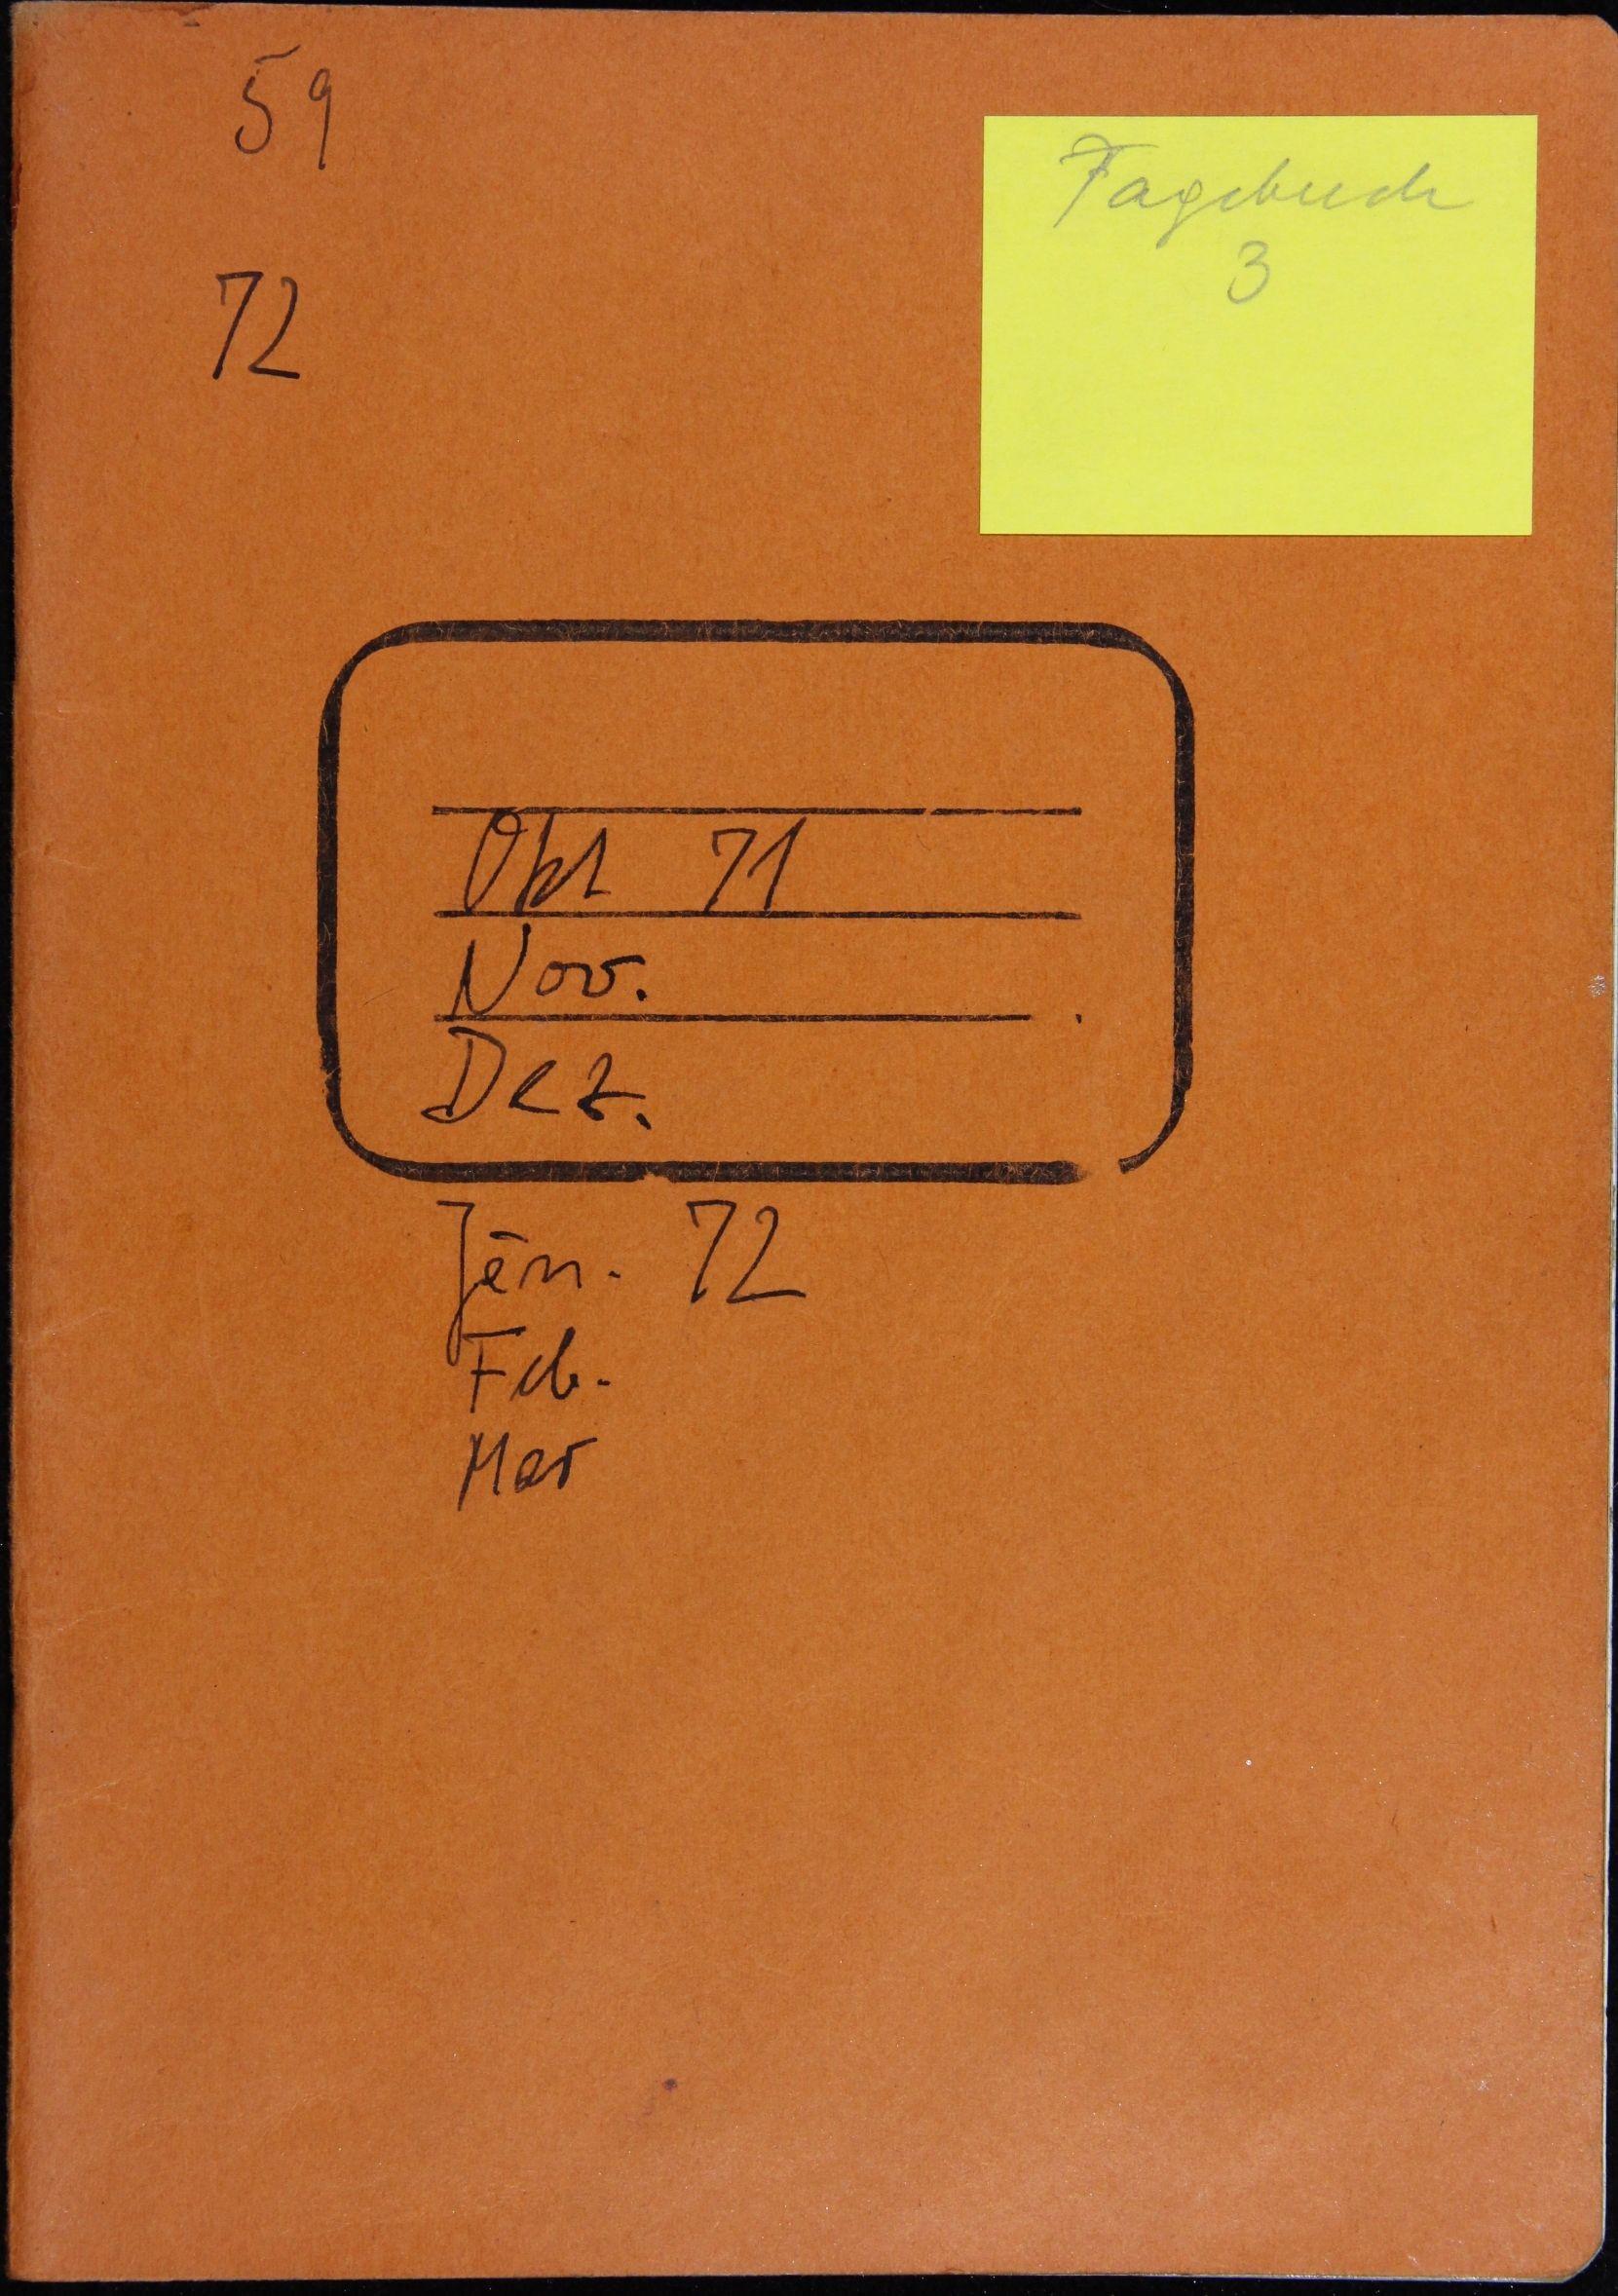 Notizbuch Hartmut Skerbisch (Inventarnr. 3) von Hartmut Skerbisch